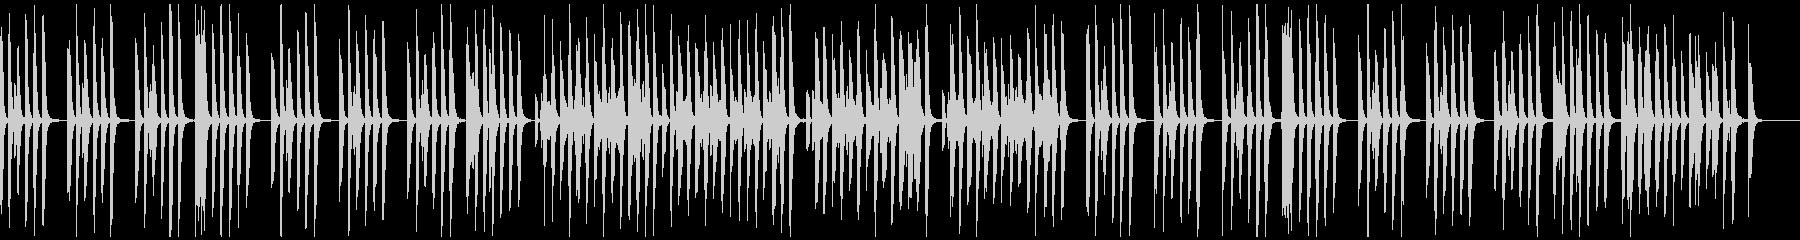 リコーダー、マリンバの間抜けで可愛い曲の未再生の波形